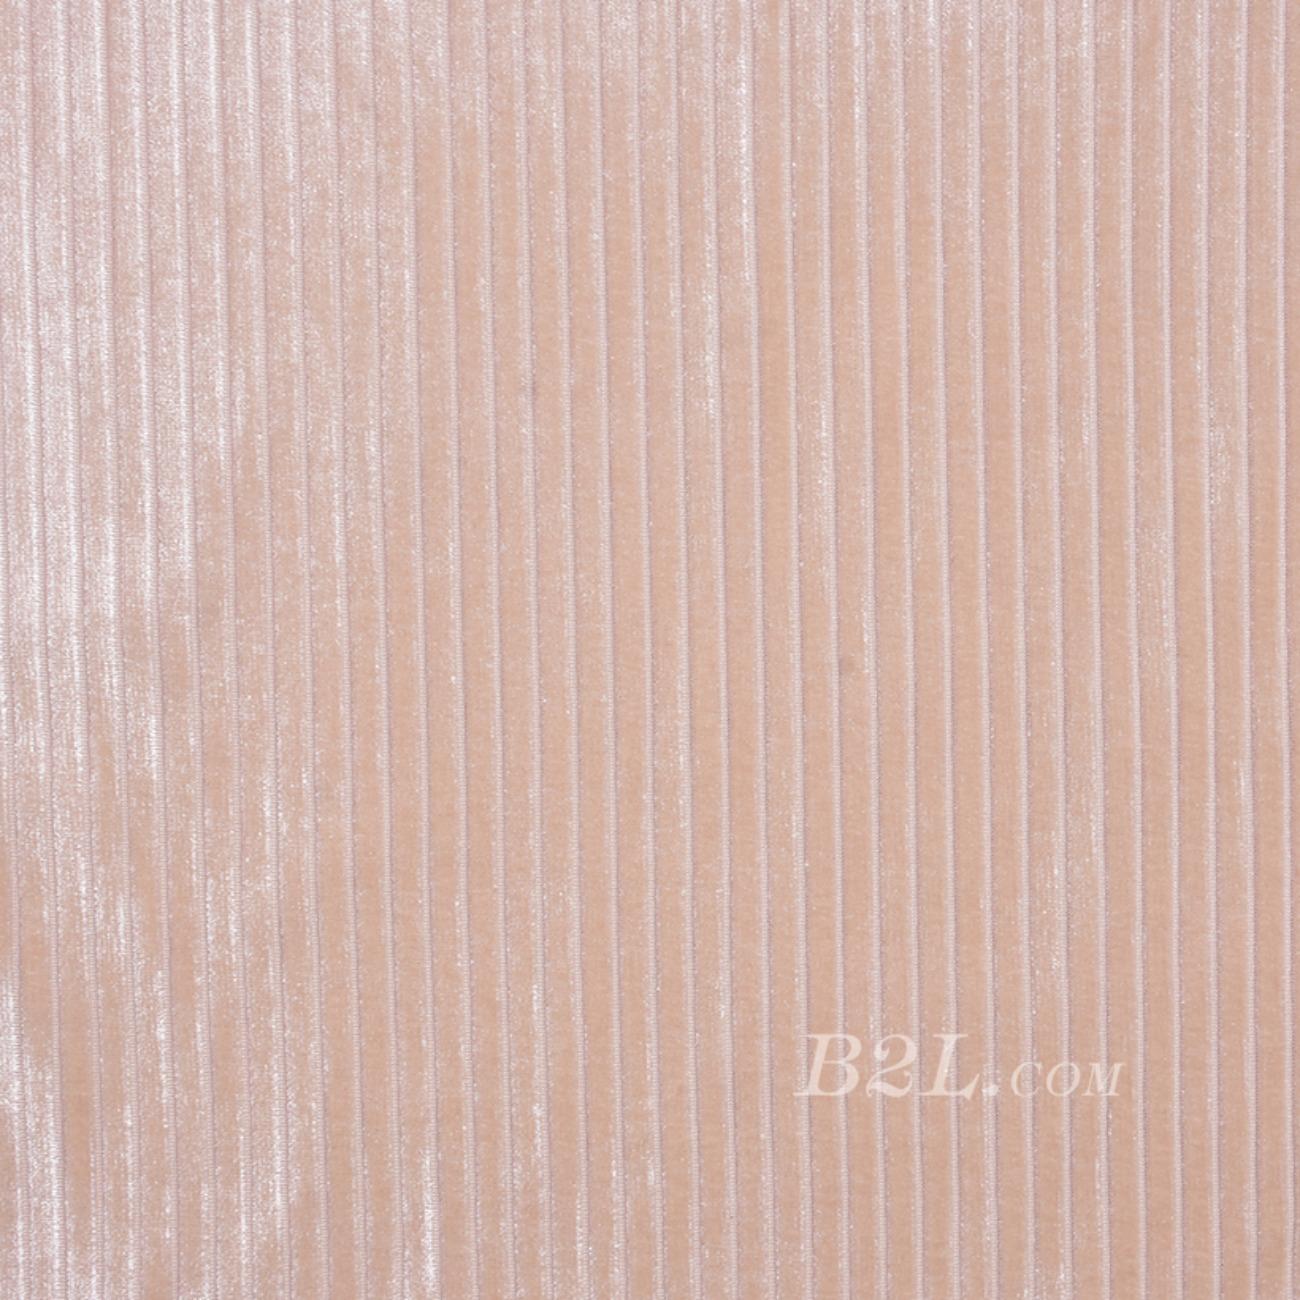 条纹 针织 染色 低弹 绒感 春秋 连衣裙 时装90306-17